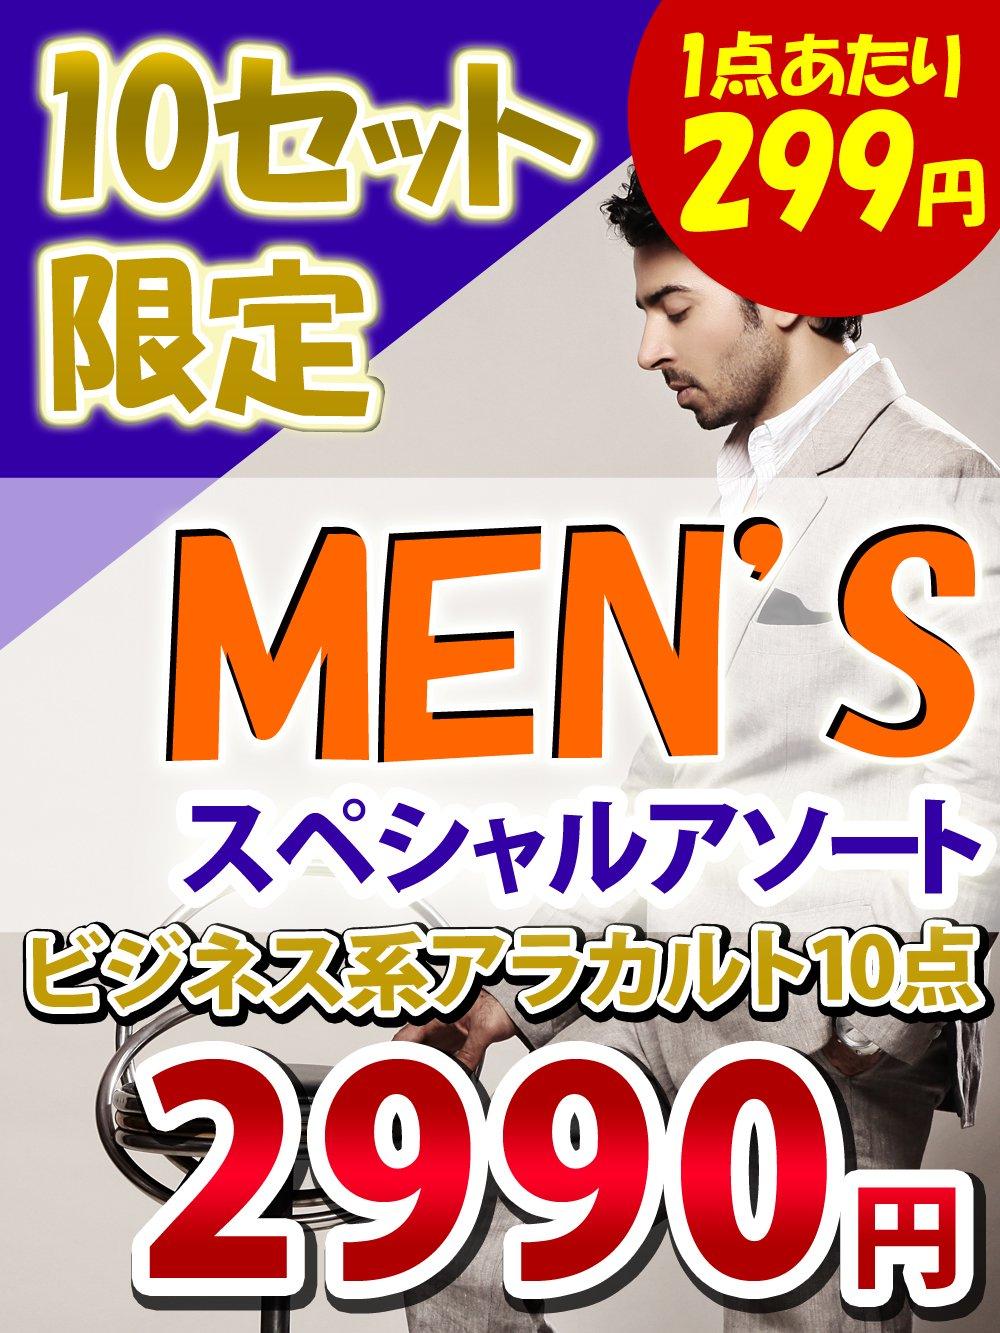 【10セット限定!メンズスペシャルアソート】ビジネス系アラカルト10点【2990円】